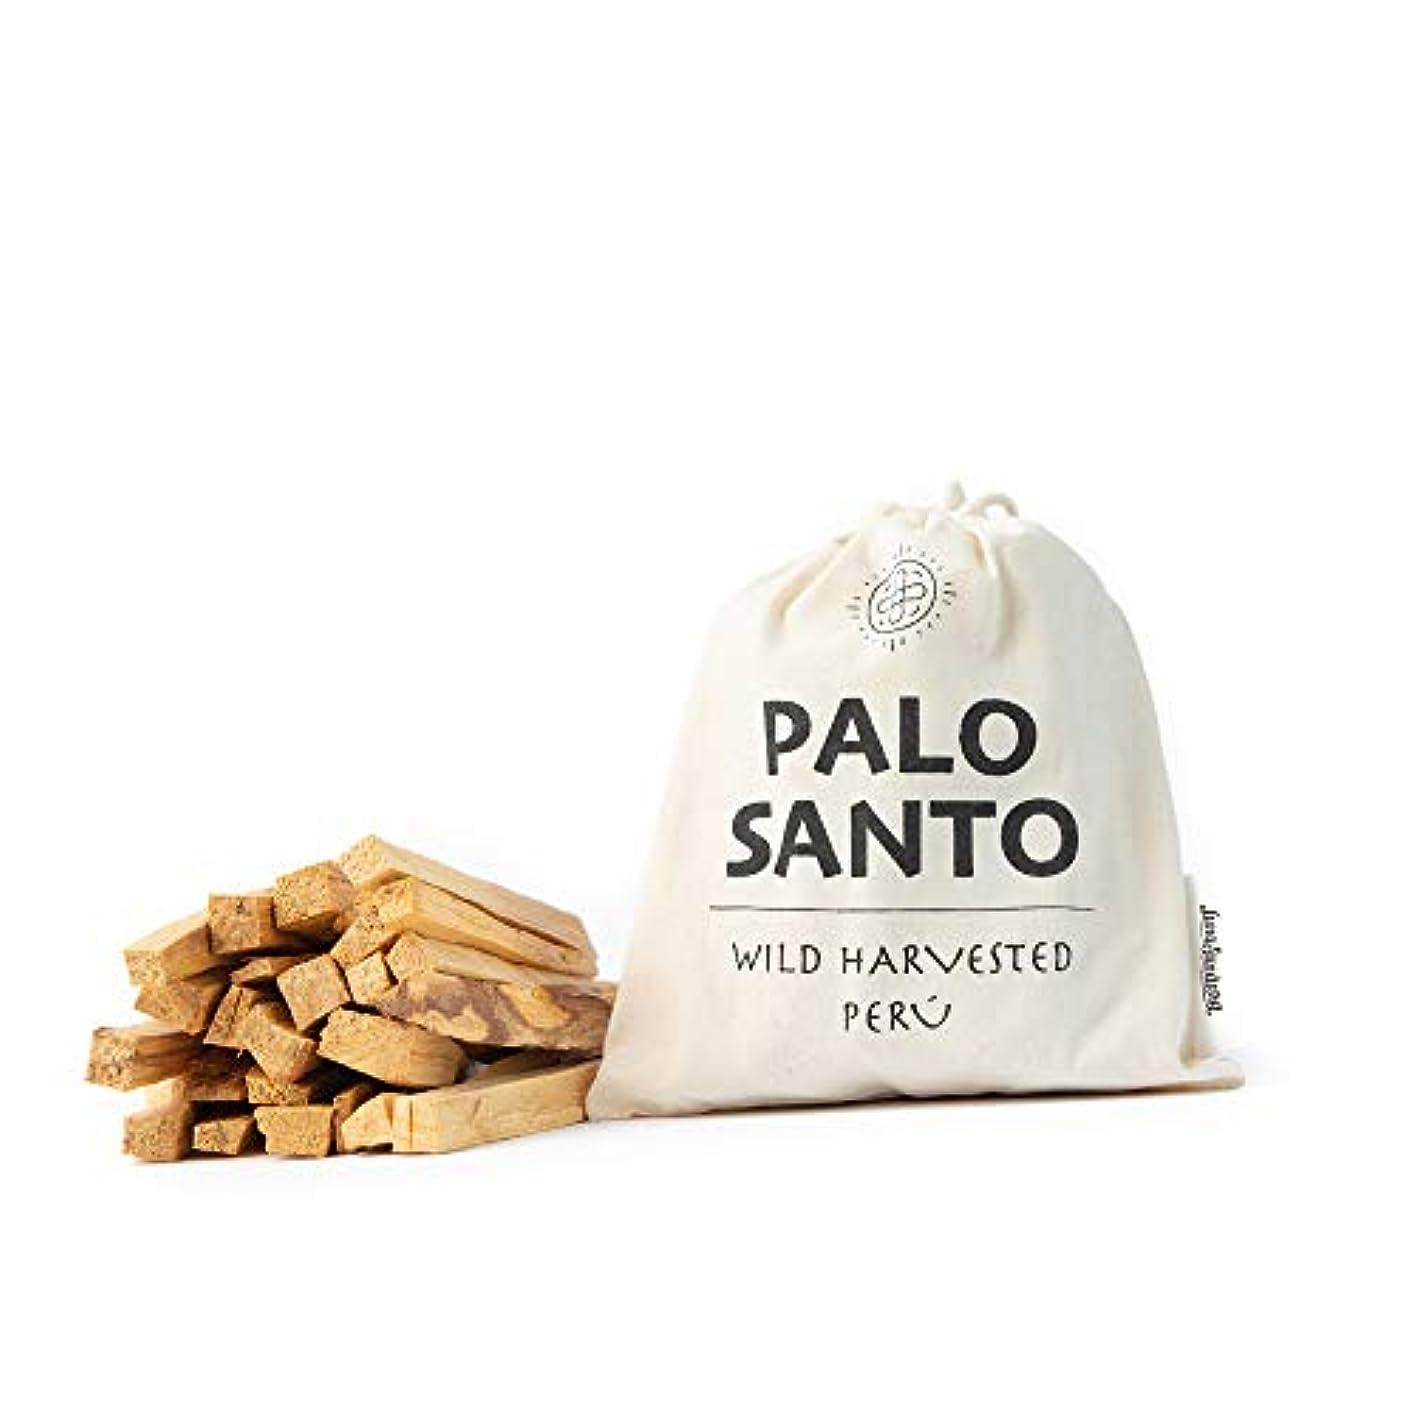 精神的に素晴らしいです苛性Luna Sundara Palo Santo Smudging Sticks Peru Sustainably Harvested Quality Hand Picked - 100グラム(約18-25スティック)